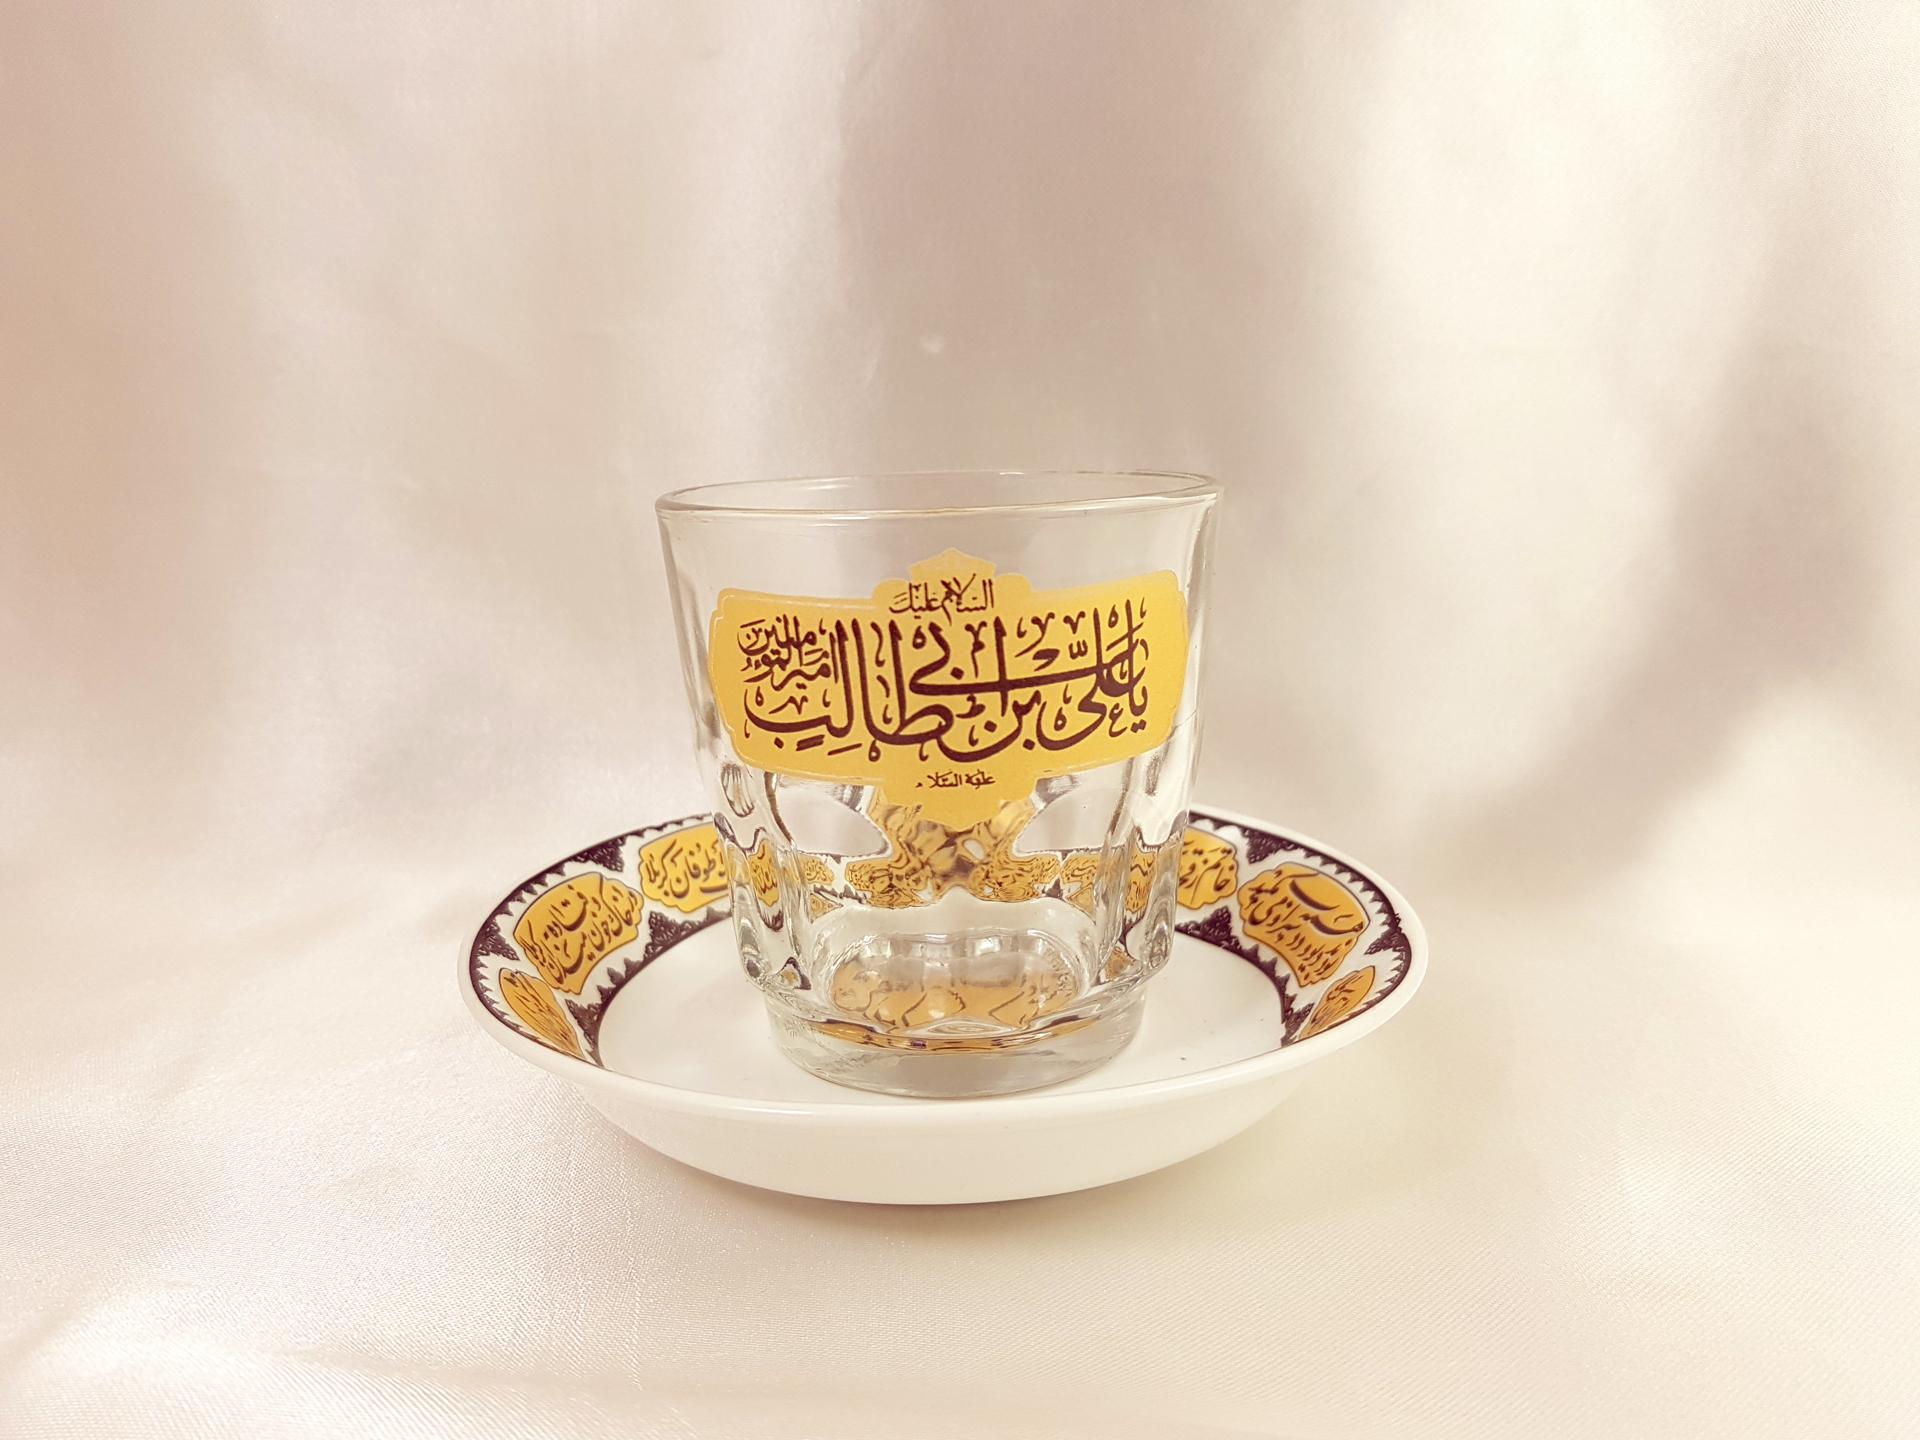 تصویر از استکان و نعلبکی نیم لیوان هیئت یا علی ابن ابیطالب(ع)